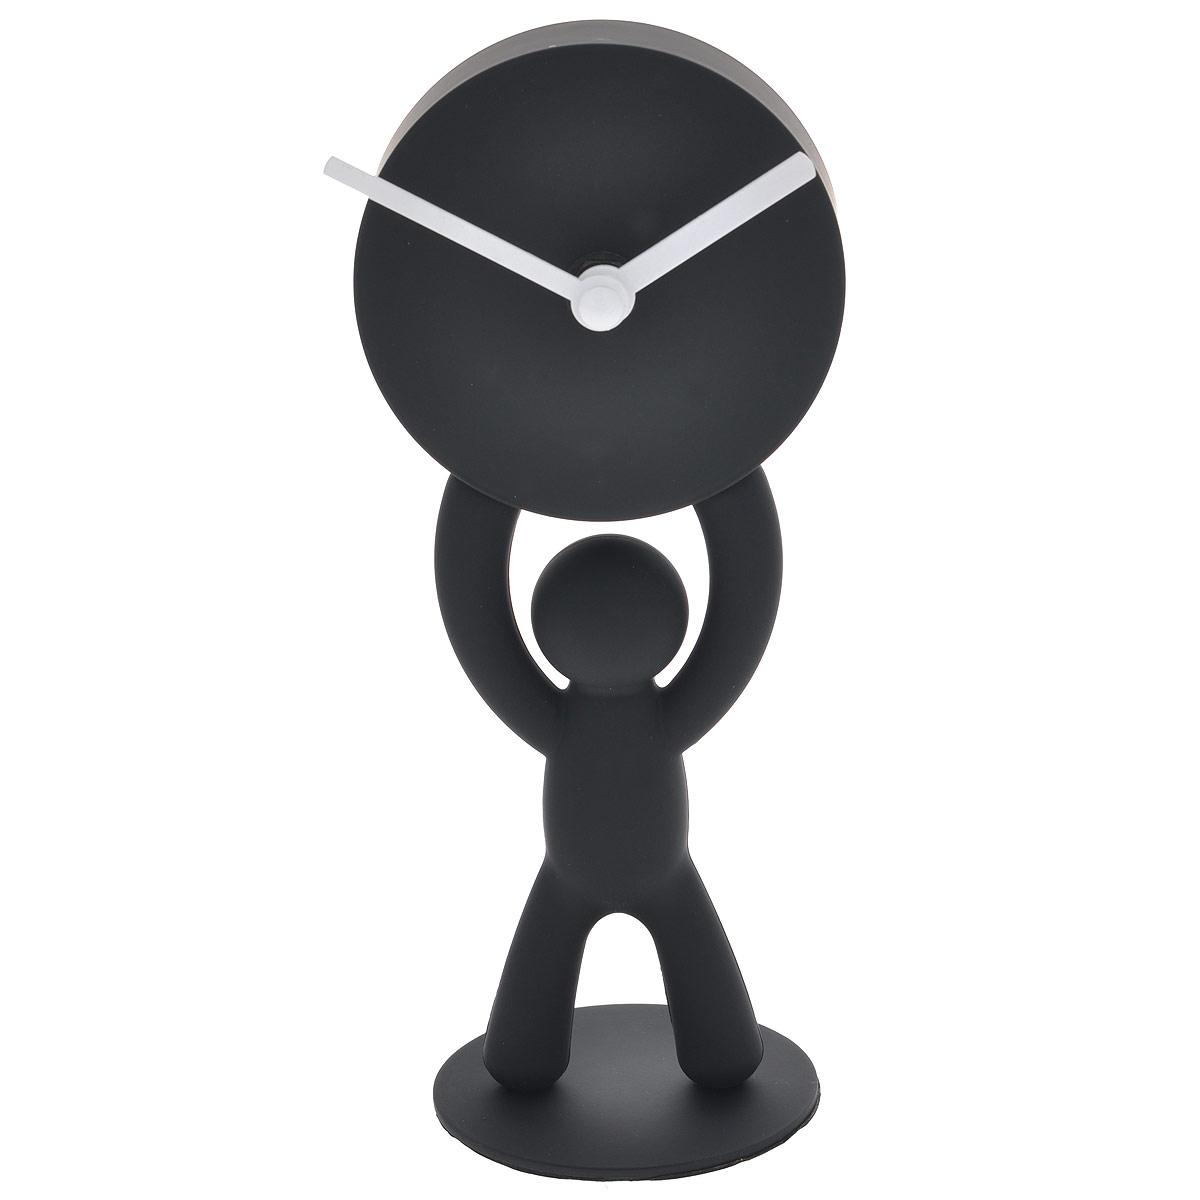 Часы настольныеBuddy, цвет: черный94672Настольные часы, выполненные из пластика в виде человечка, держащего в руках циферблат, прекрасно украсят интерьер вашего помещения. Циферблат часов имеет две стрелки: часовую и минутную.Оформите свой дом таким интерьерным аксессуаром или преподнесите его в качестве презента друзьям, и они оценят ваш оригинальный вкус и неординарность подарка. Характеристики:Материал: пластик, металл. Общий размер часов: 7,5 см х 21 см х 7,5 см.Диаметр циферблата: 9 см.Размер упаковки: 10,5 см х 9,5 см х 22 см. Цвет: черный. Артикул: 118510-040. Часы работают от 1 батарейки AA (не входит в комплект).